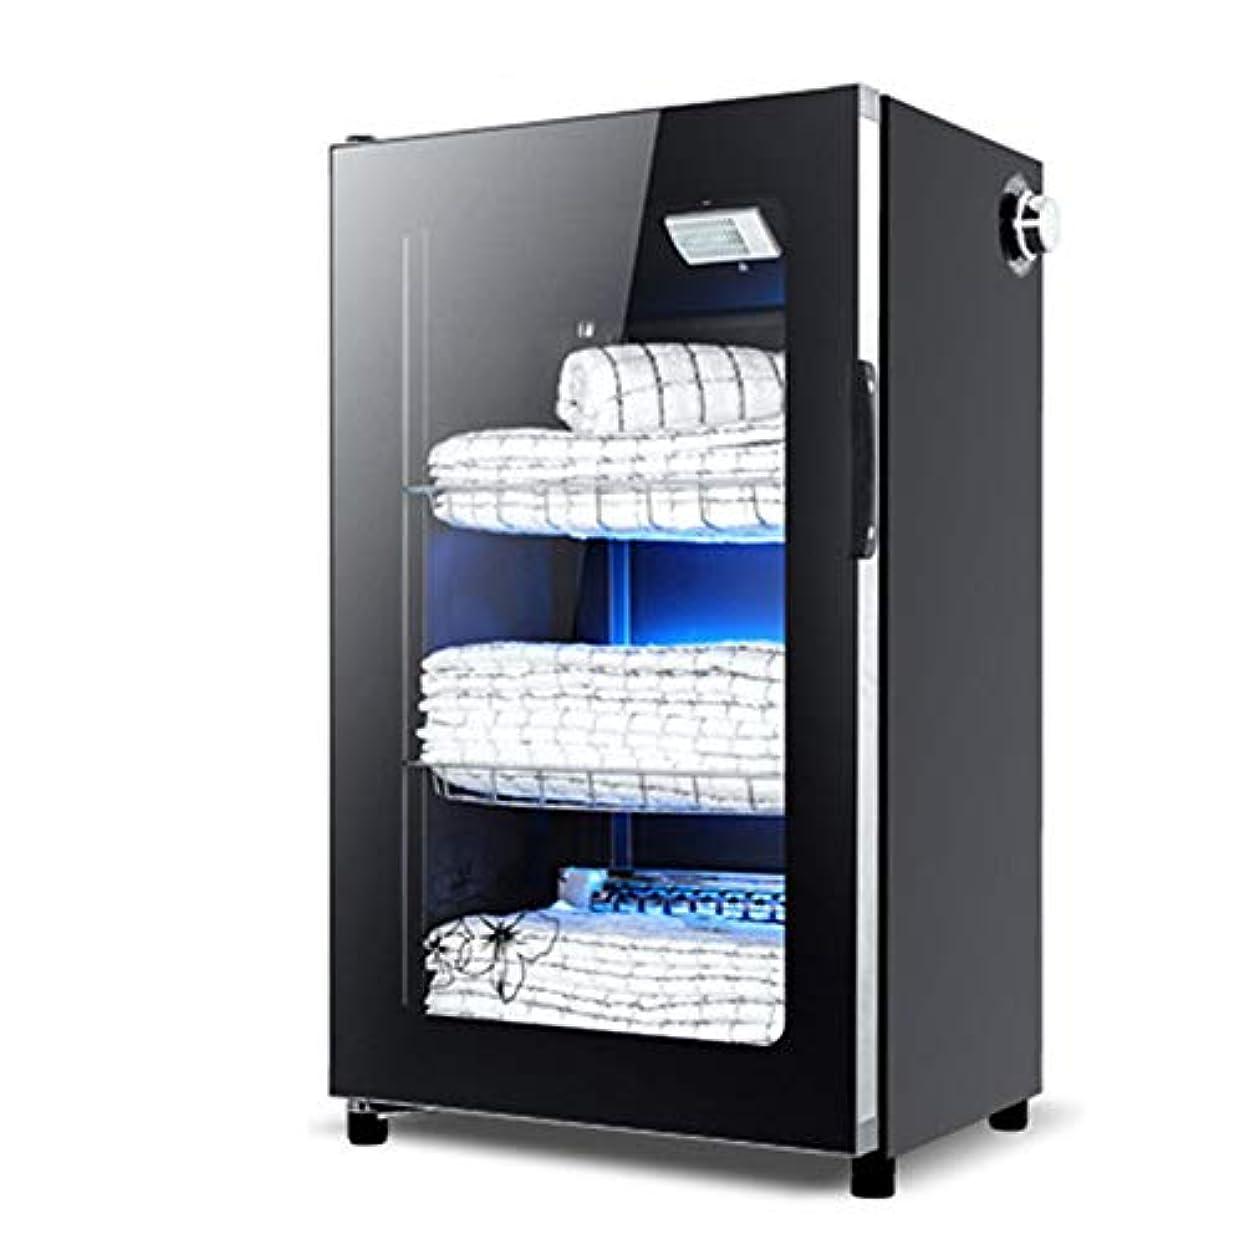 適応魅力以来黒の大容量マルチデッカーホットタオルキャビネット&紫外線オゾン滅菌サロンスパ美容機器(38L / 68L)